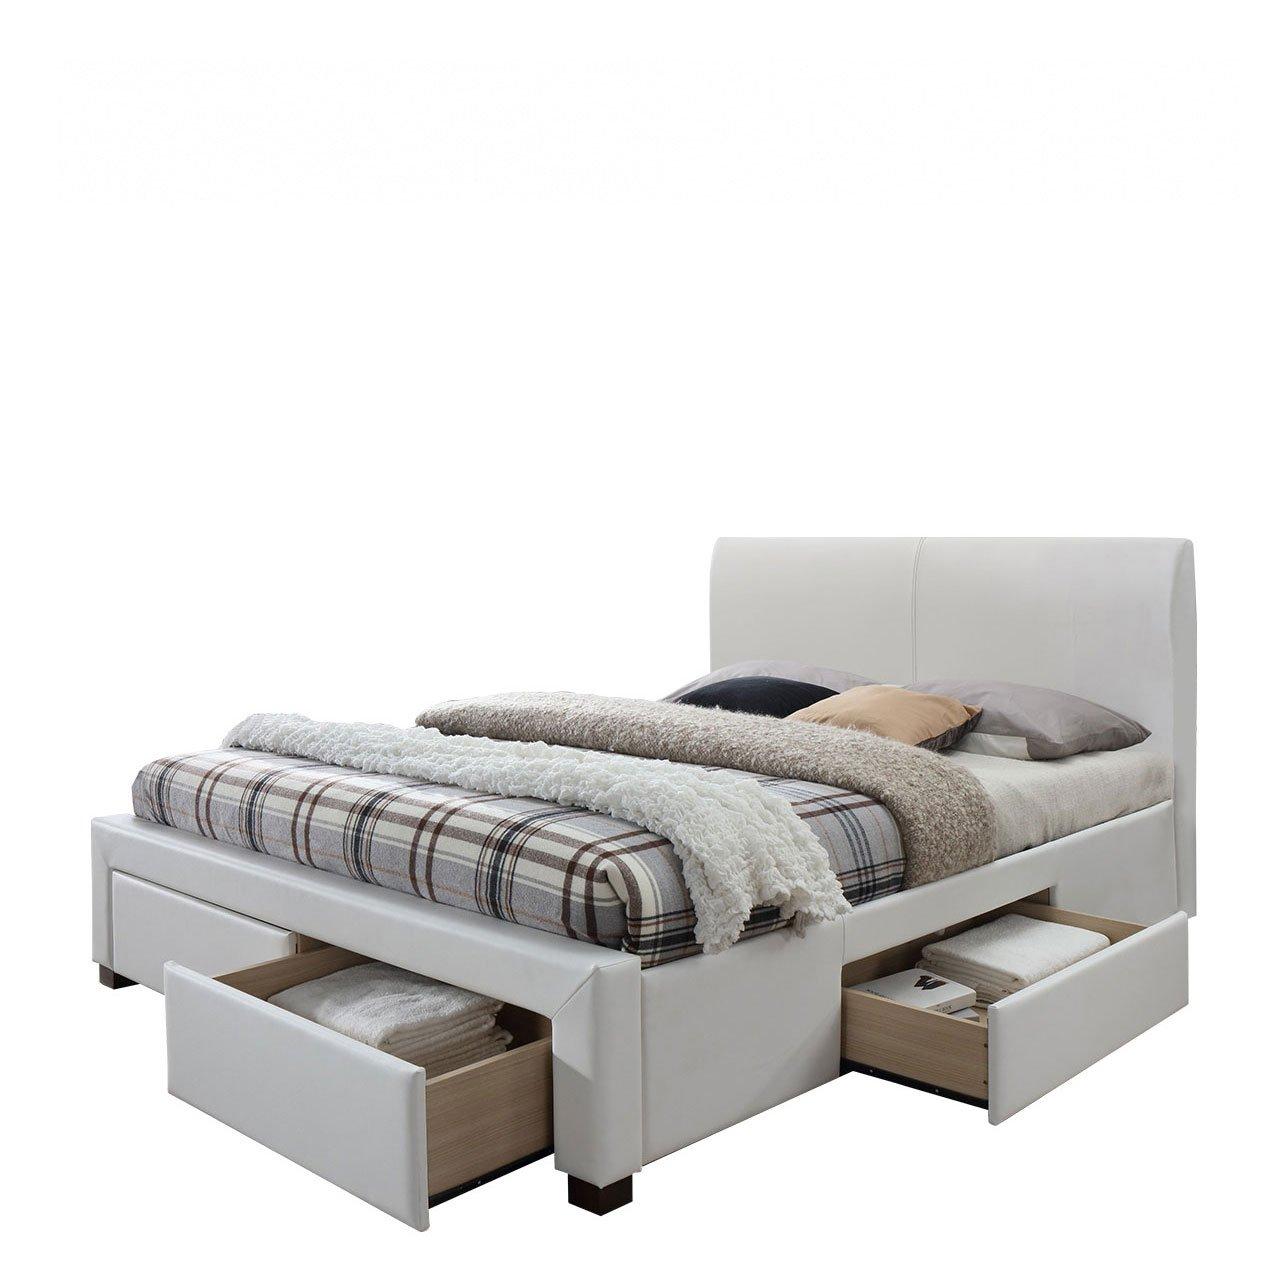 Mirjan24 Polsterbett Modena 2 mit 4 Schubladen, Elegante Bett mit Lattenrost, Ehebett, Doppelbett für Schlafzimmer, Schlafmöbel (Crato 01)